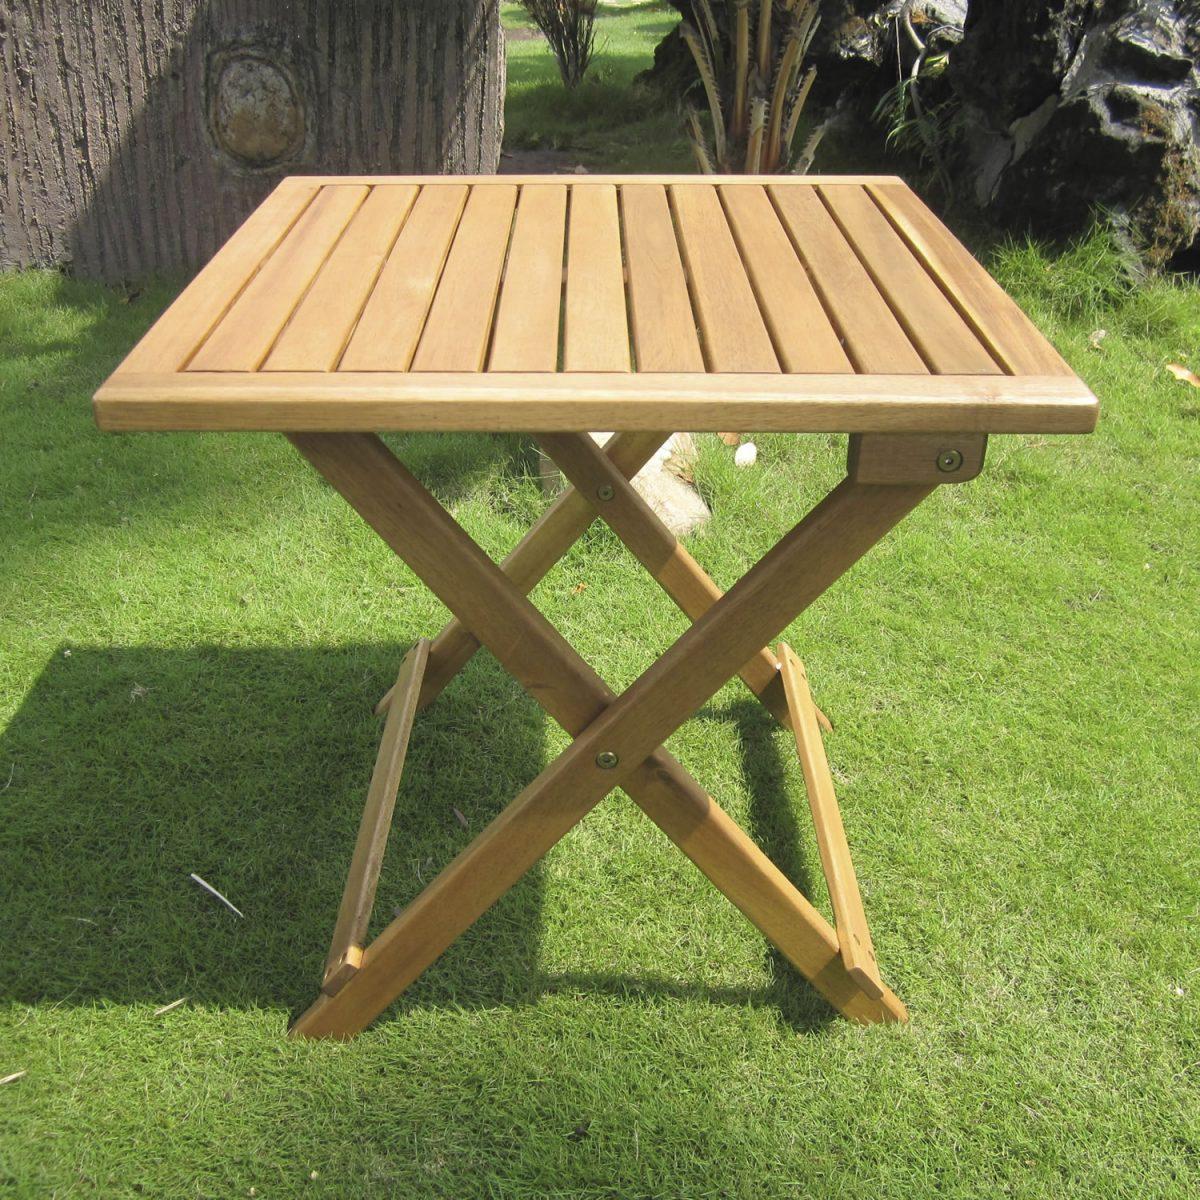 Как сделать складной столик для пикника своими руками: инструкция 12